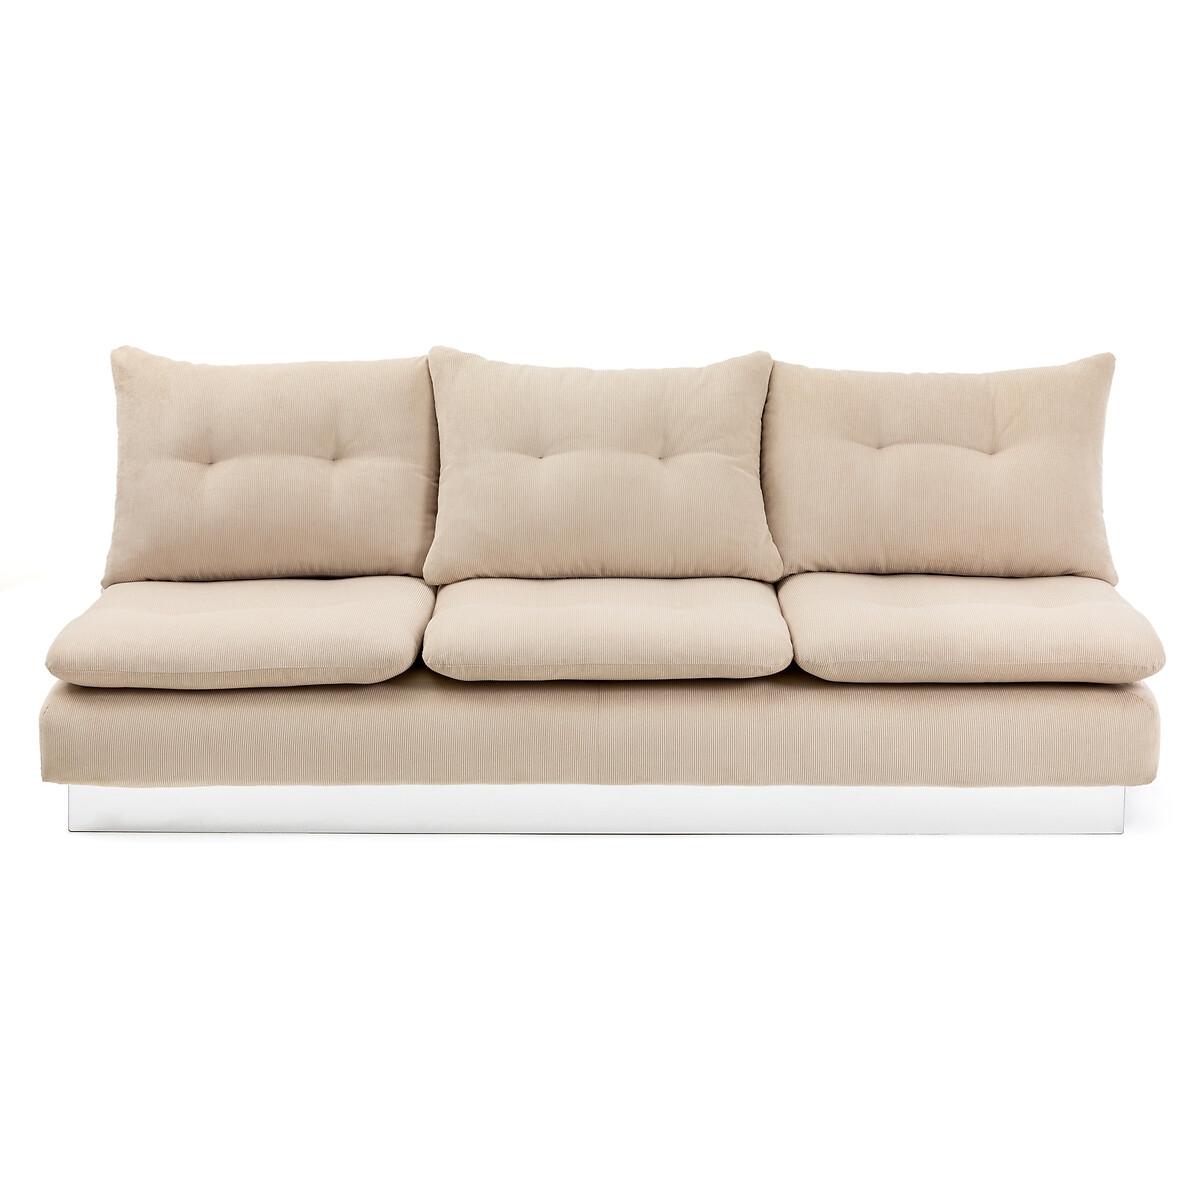 Canapé modulable 5 places Noir Tissu Design Confort